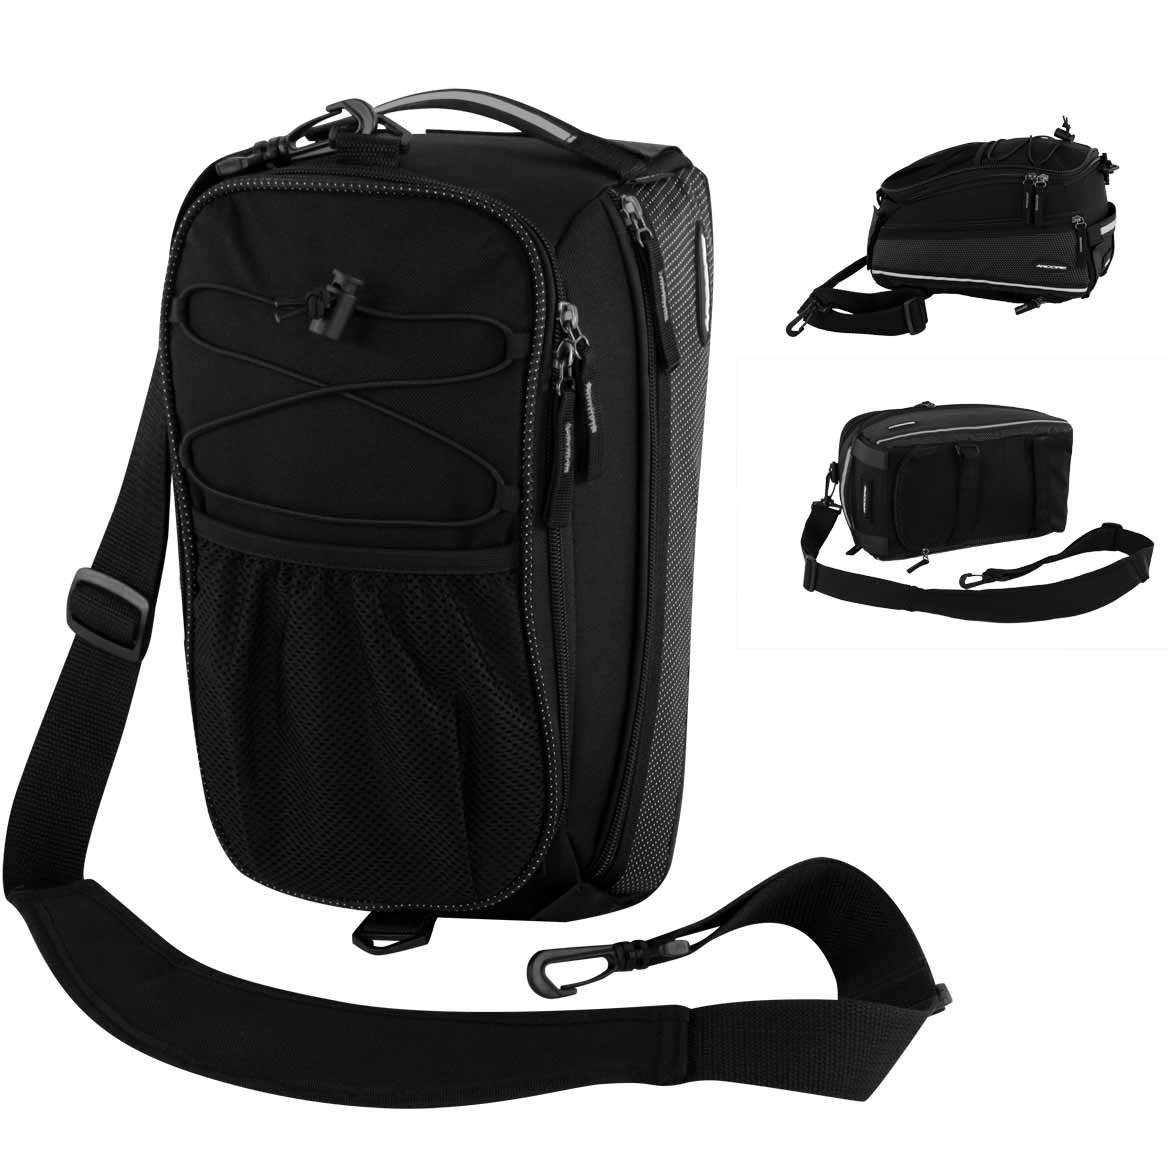 R14560 - Csomagtartó táska